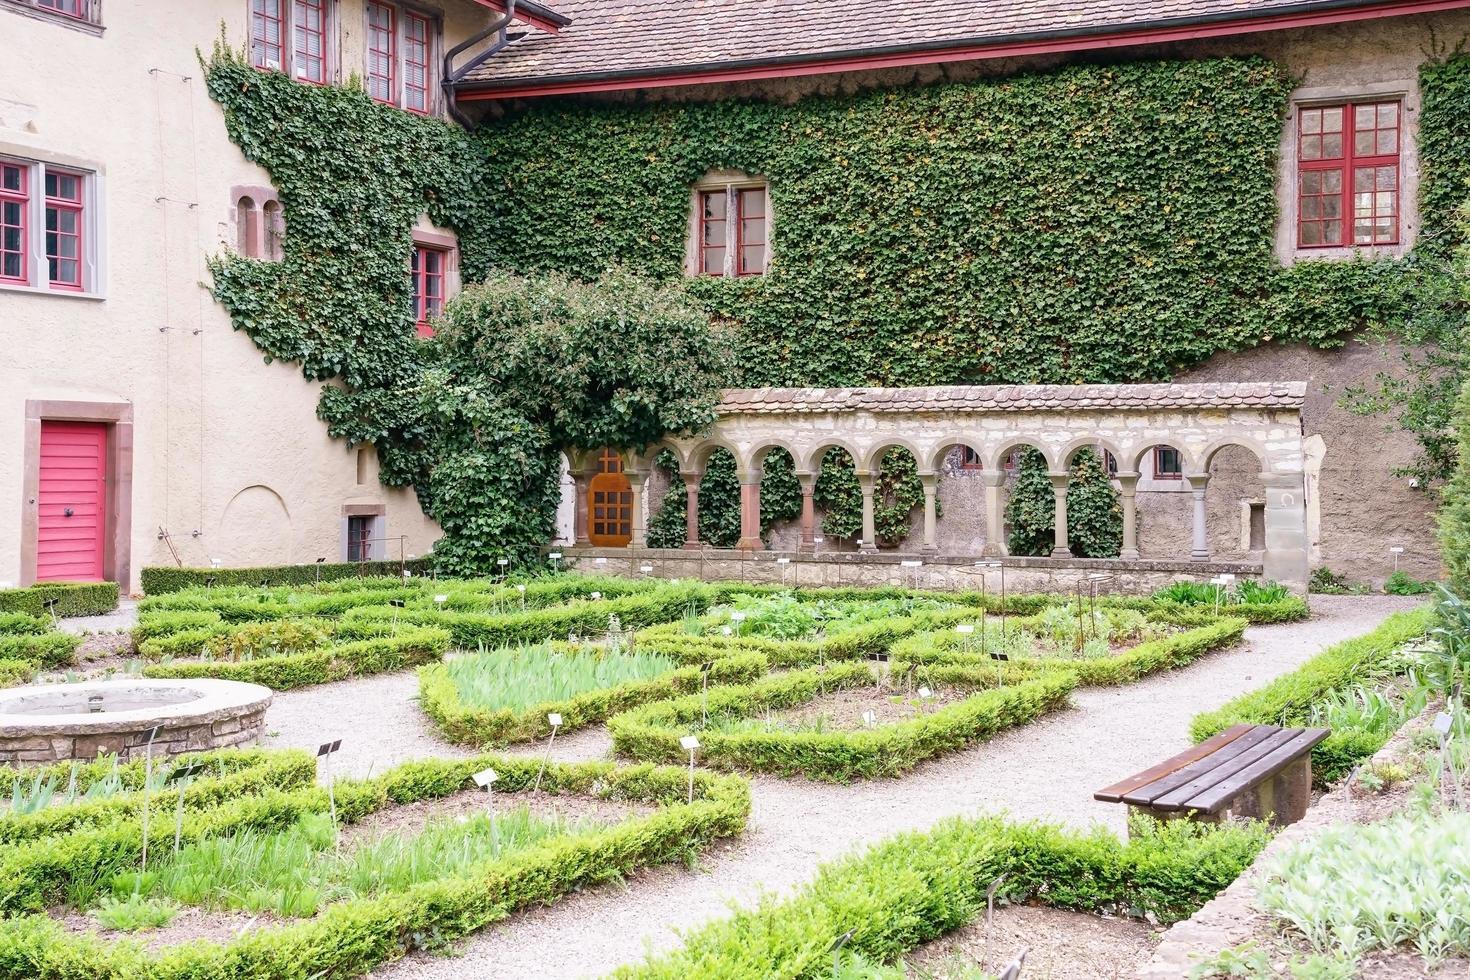 il giardino dell'abbazia di tutti i santi a sciaffusa, in svizzera foto